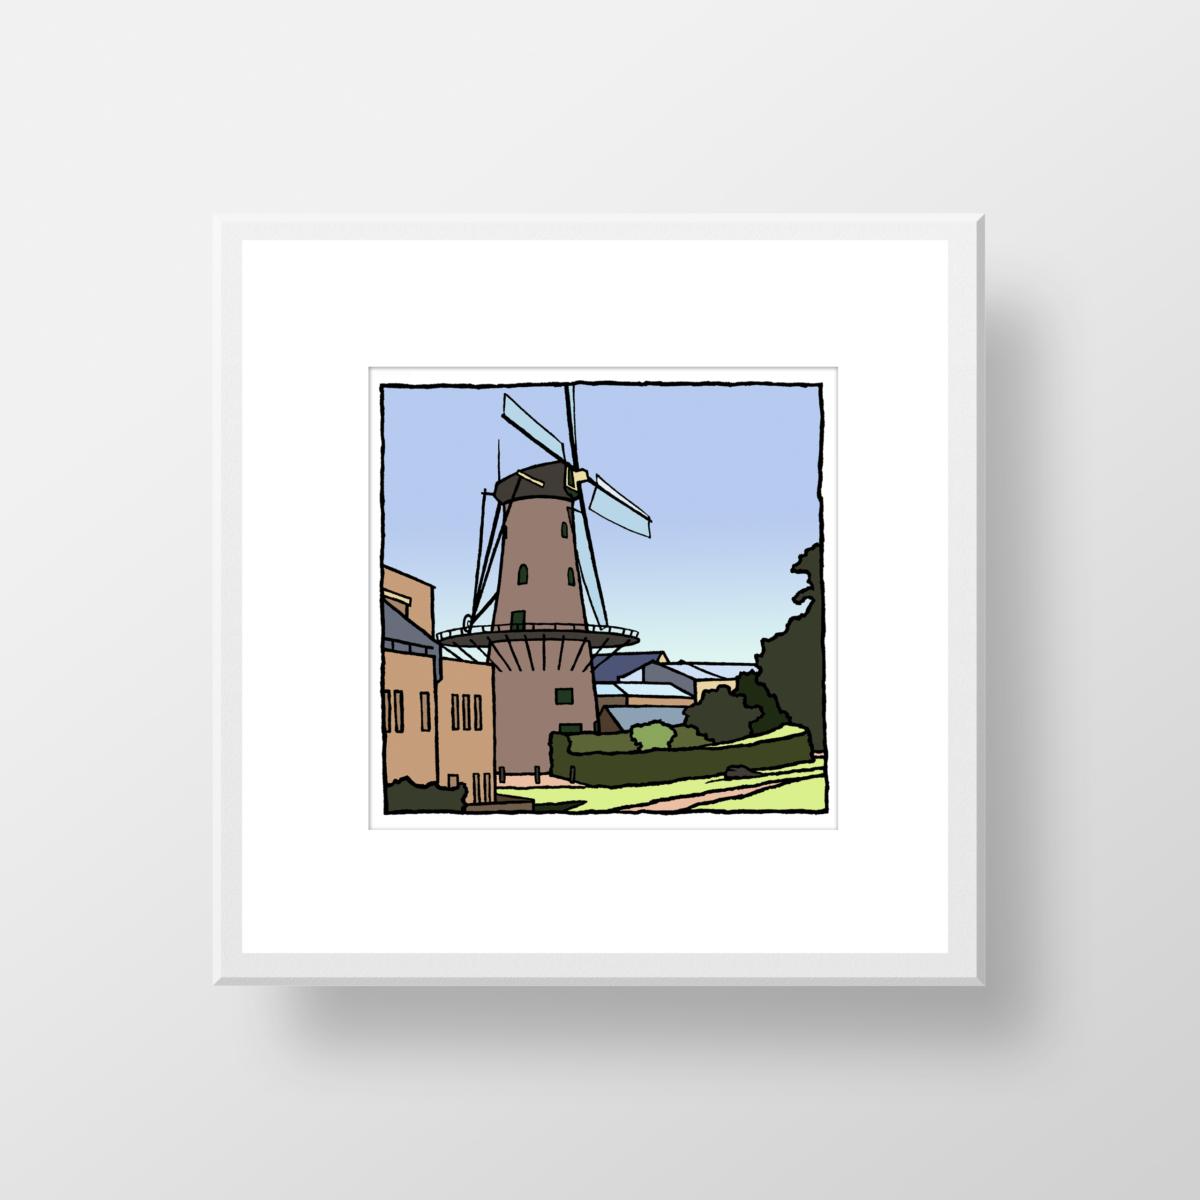 Een fine art print van de molen van Hellevoetsluis gemaakt dor de kunstenaar Wim van Willegen.